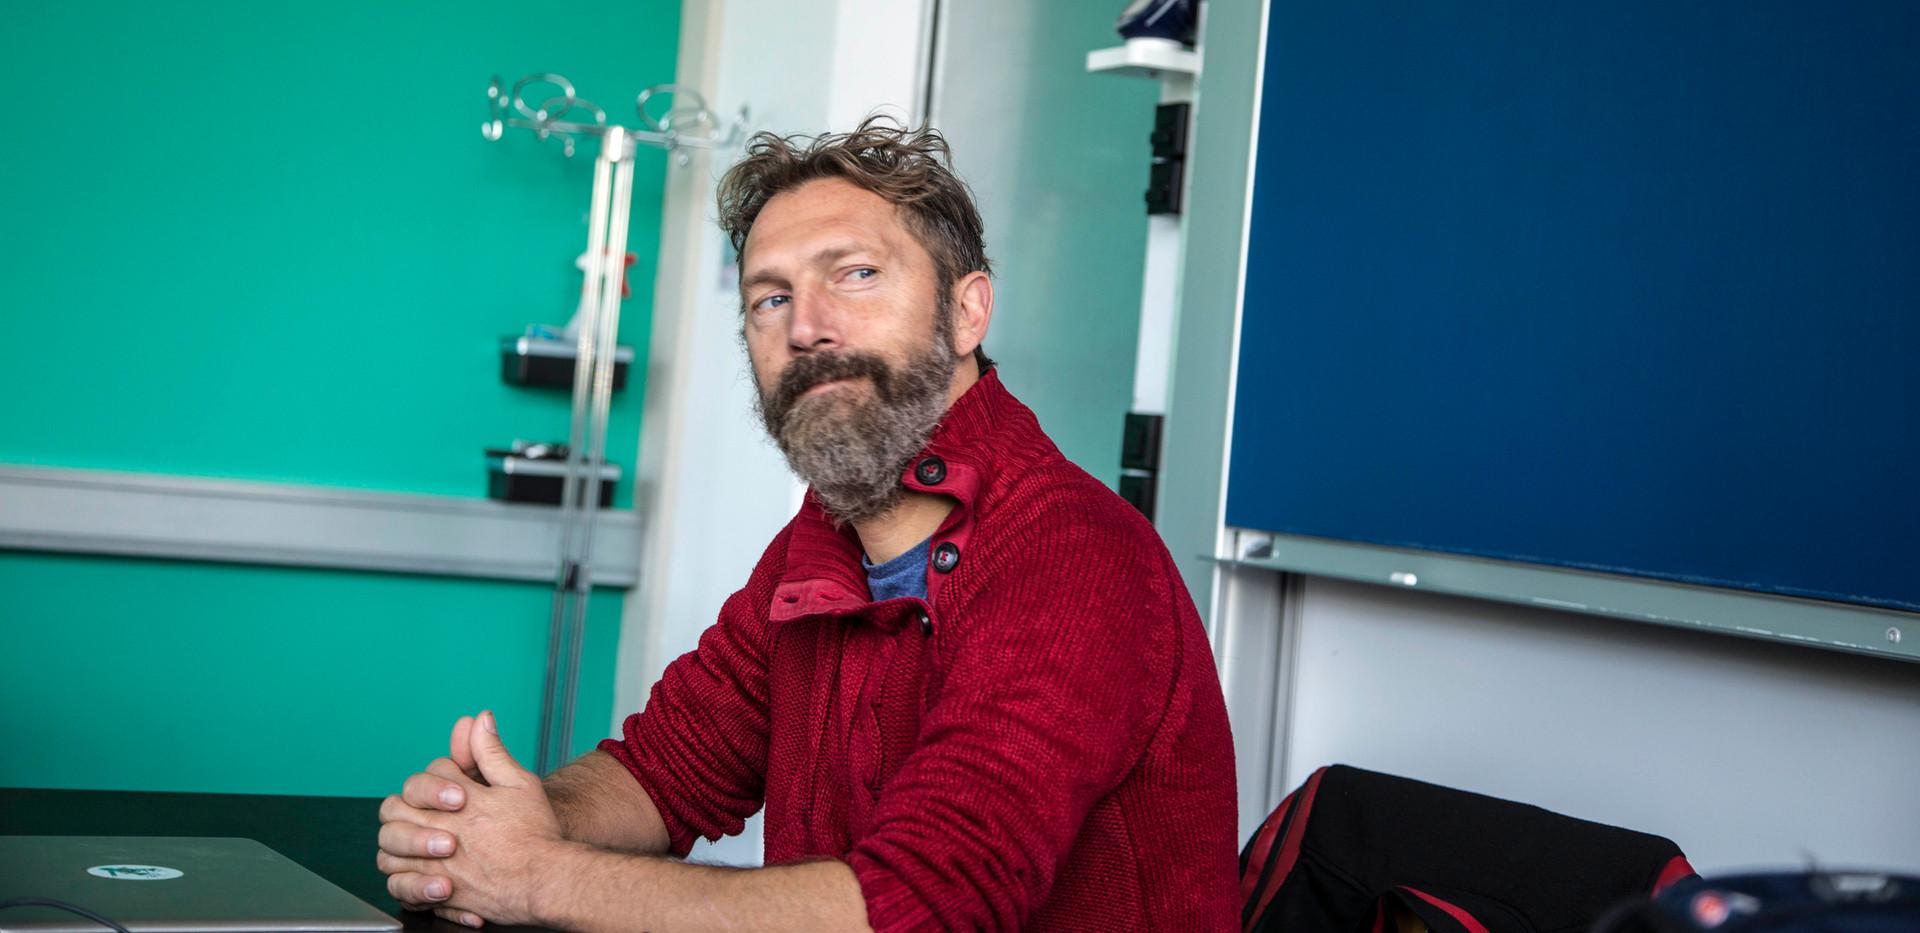 Laurent Van Lancker